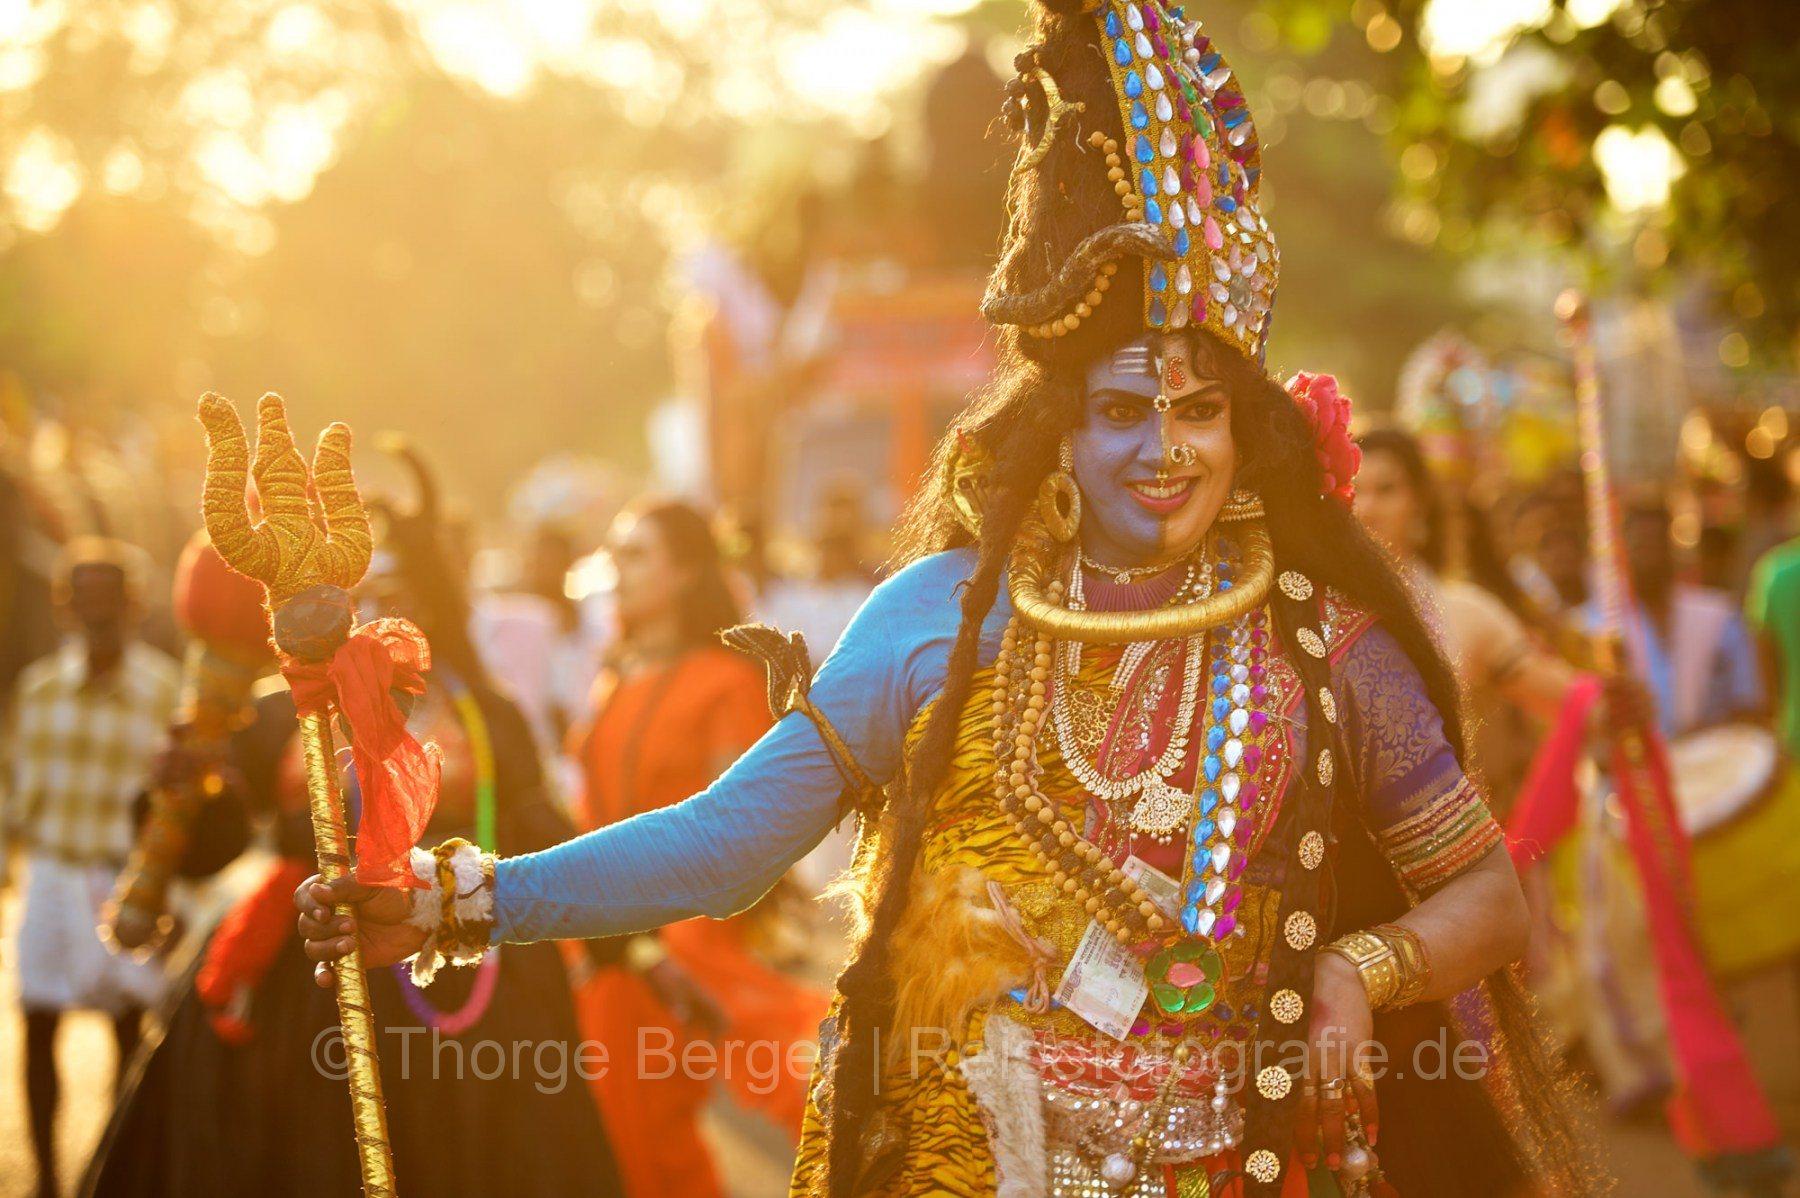 Temple festival in Kerala